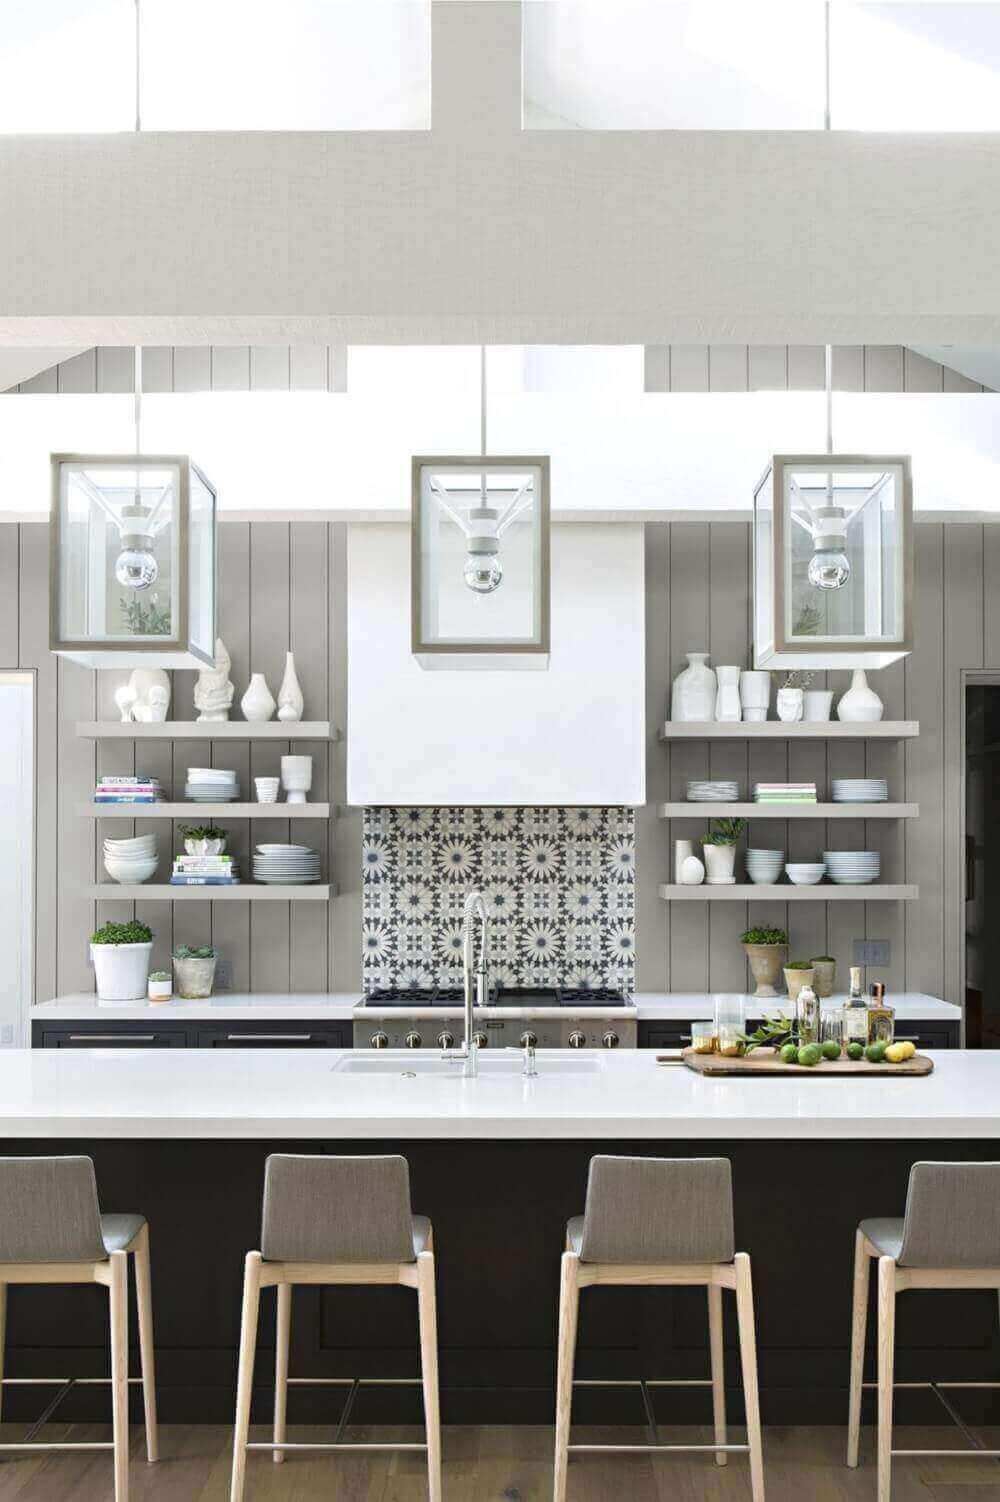 Cozinha moderna com estilo minimalista